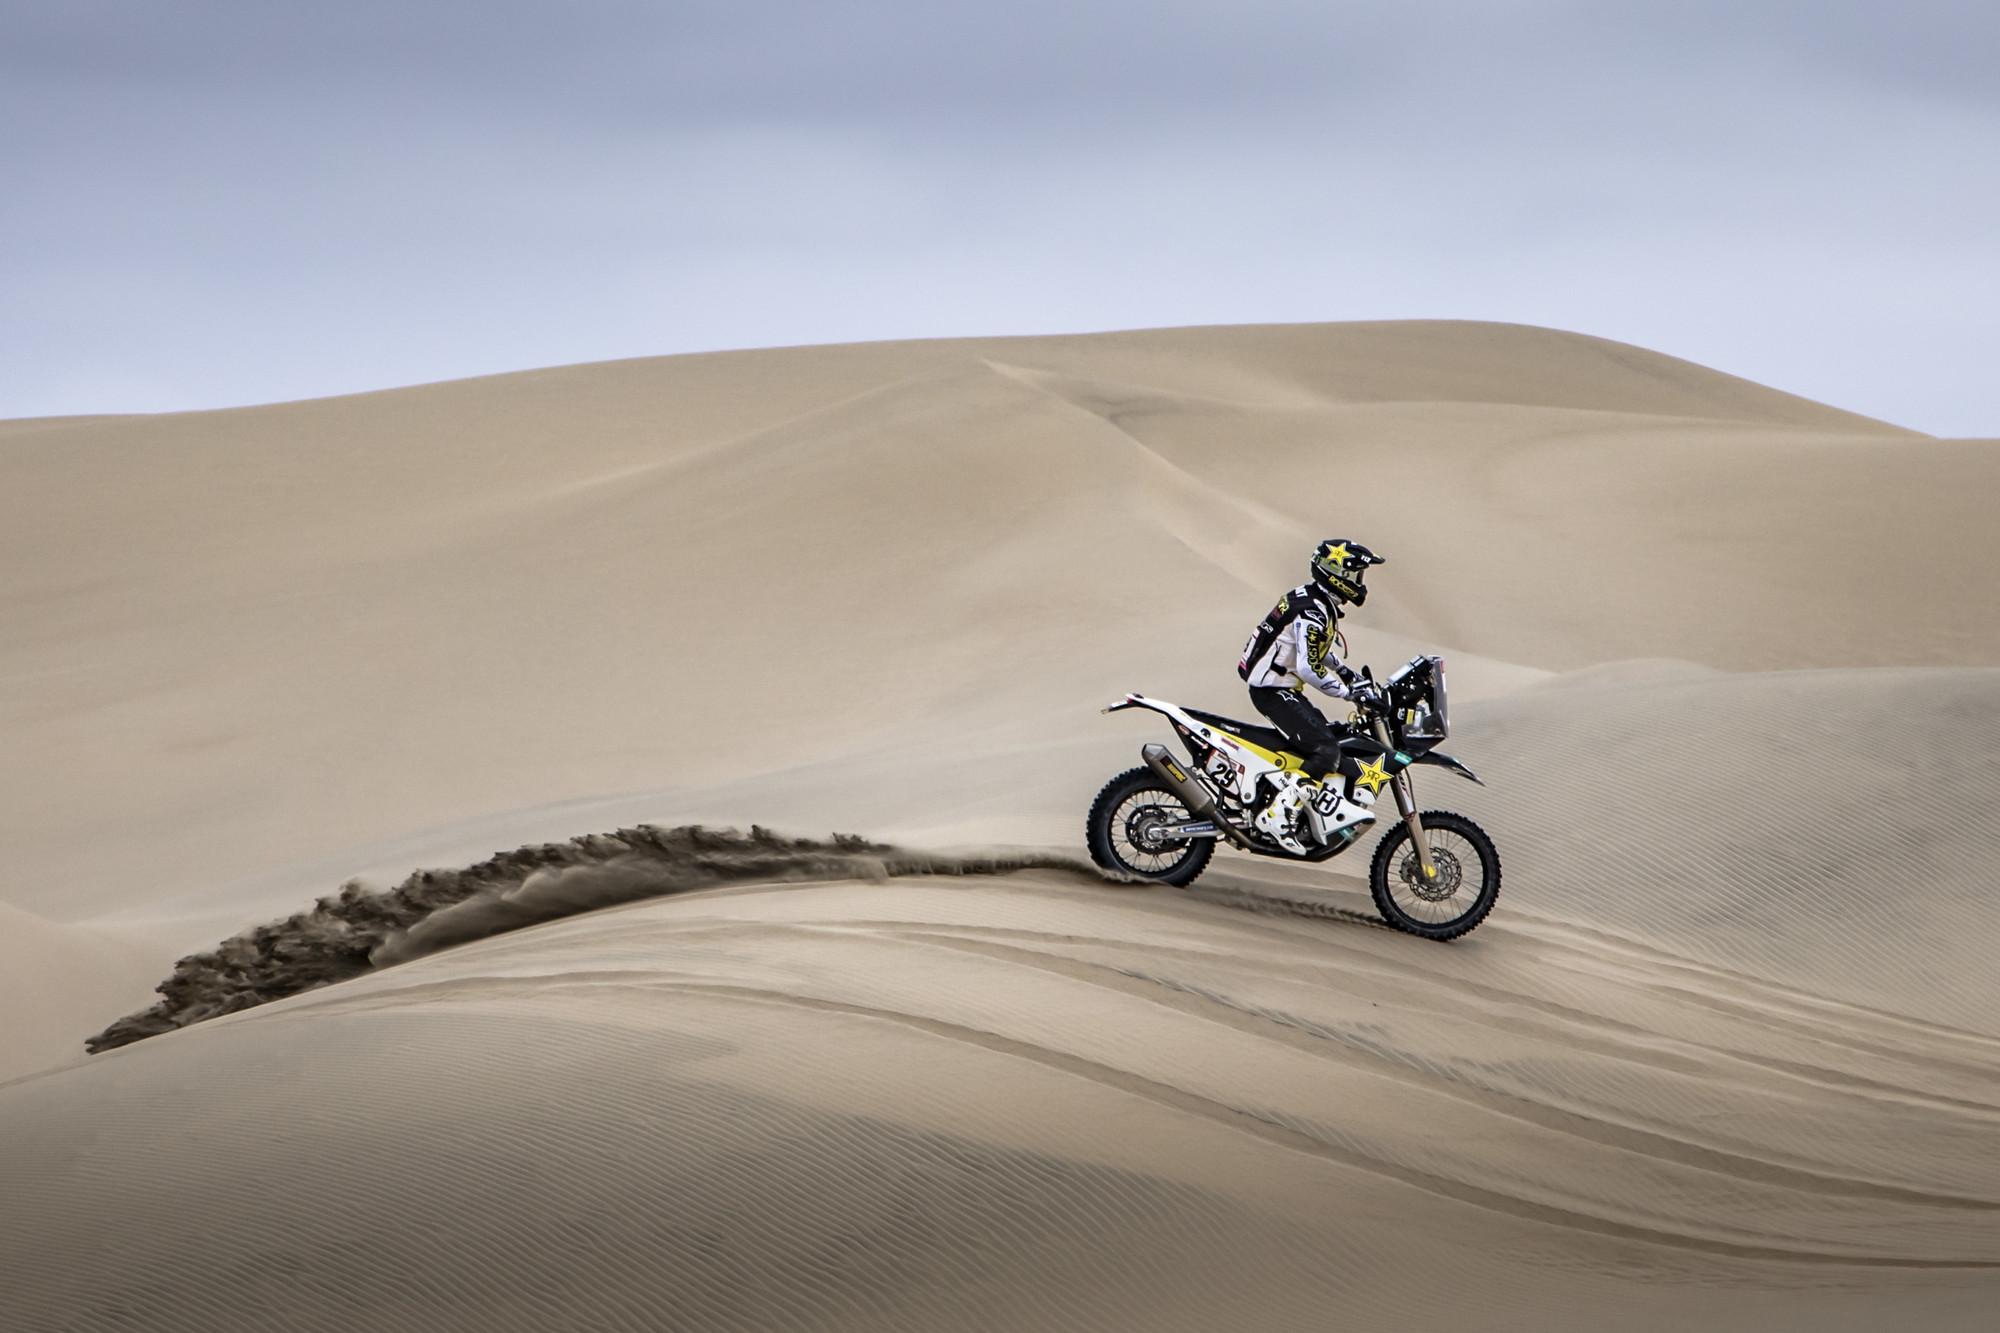 55638_andrew.short_stage8_Rockstar Energy Husqvarna Factory Racing_Dakar2019_135.jpg